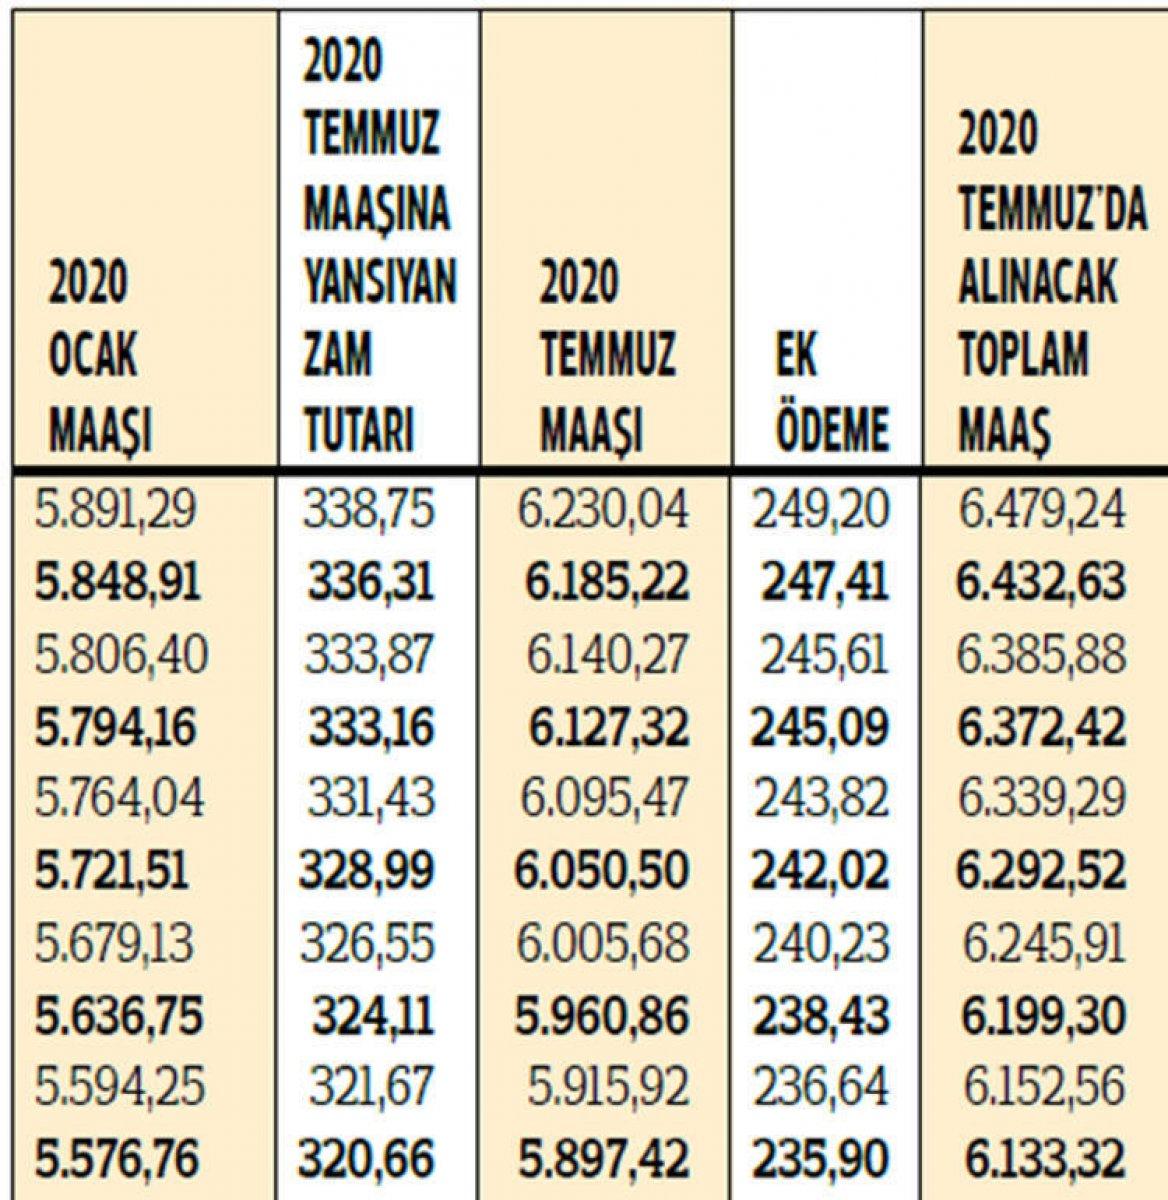 2020 yılı zamlı emekli maaşları hesaplandı #4